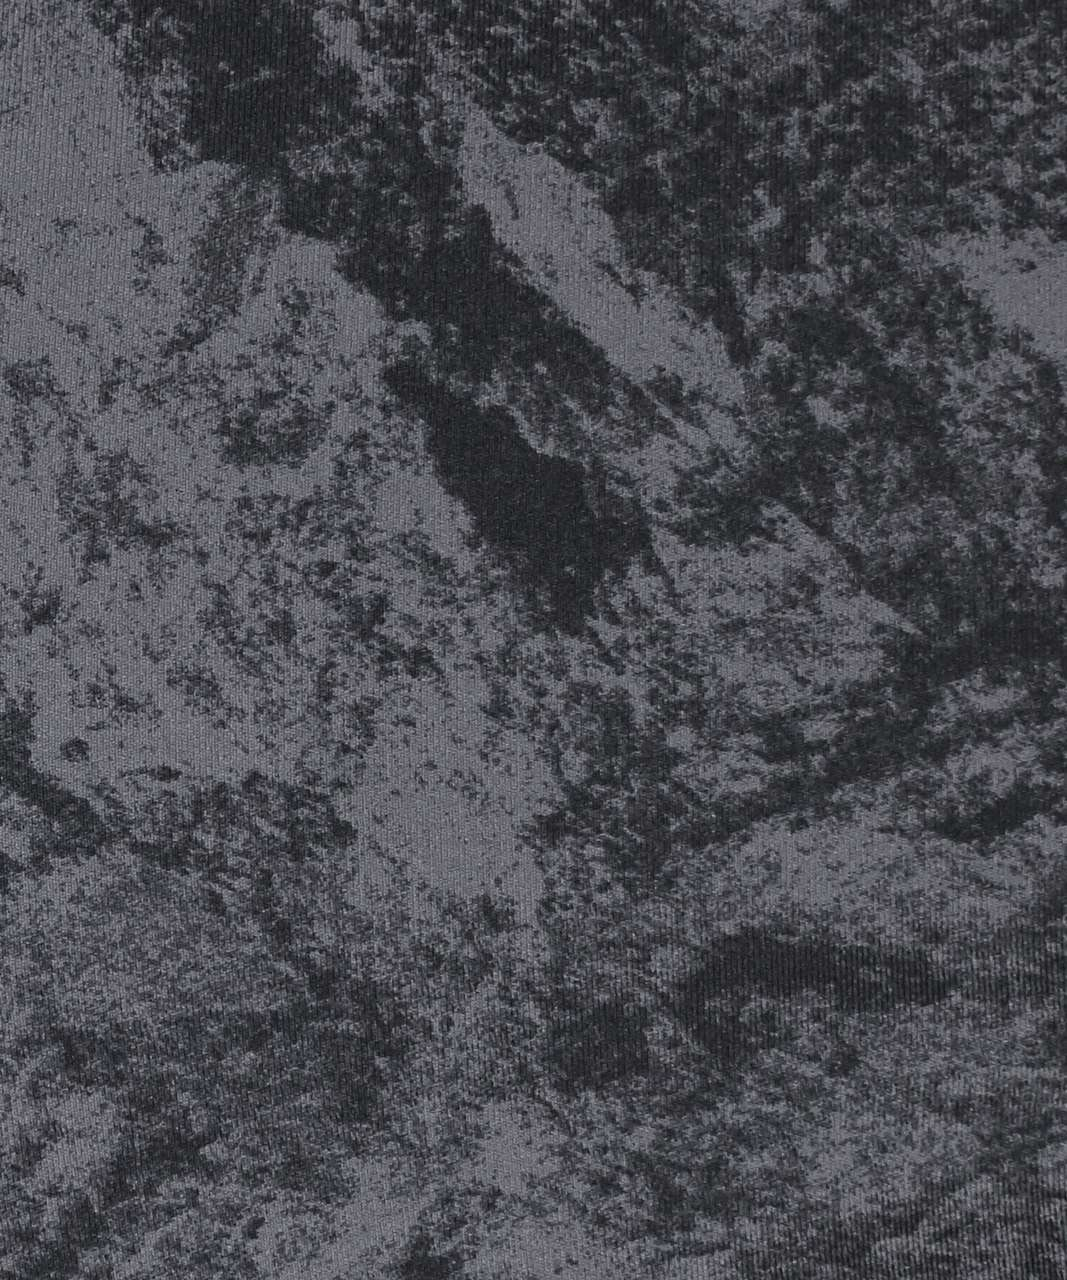 """Lululemon Wunder Under High-Rise Tight 25"""" *Full-On Luxtreme - Washed Marble Titanium Deep Coal"""